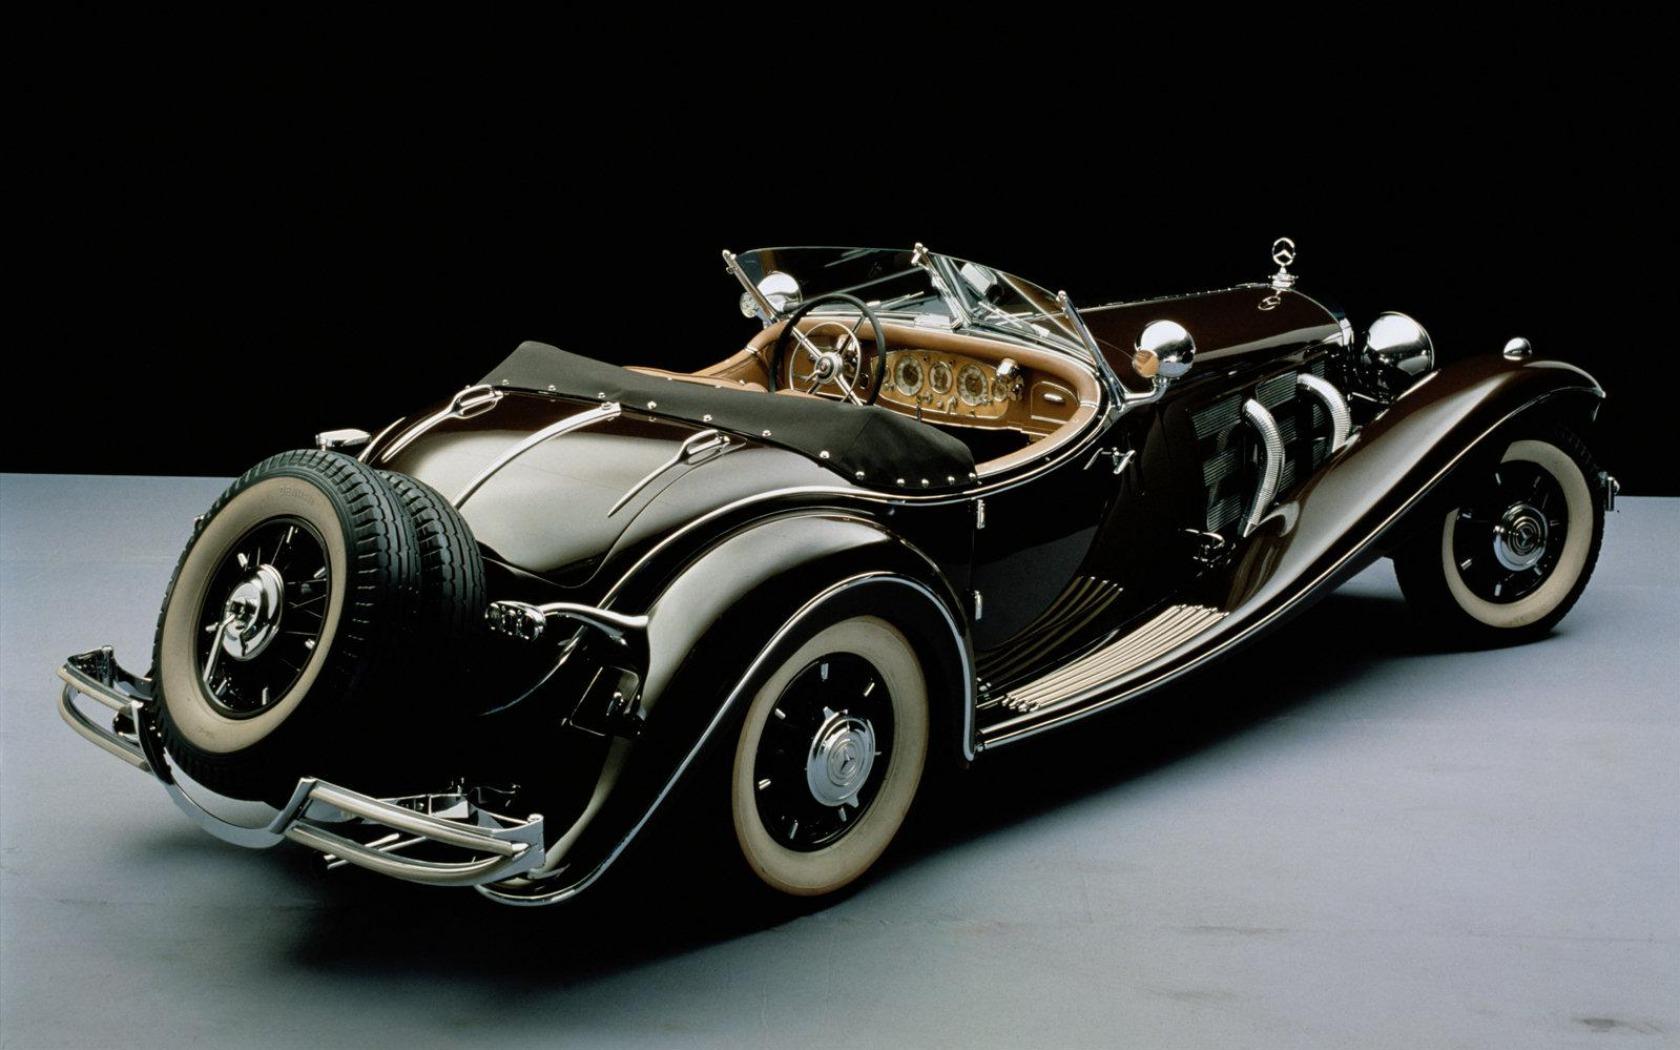 Mercedes benz vintage car wallpaper 1680x1050 55247 for Mercedes benz retro